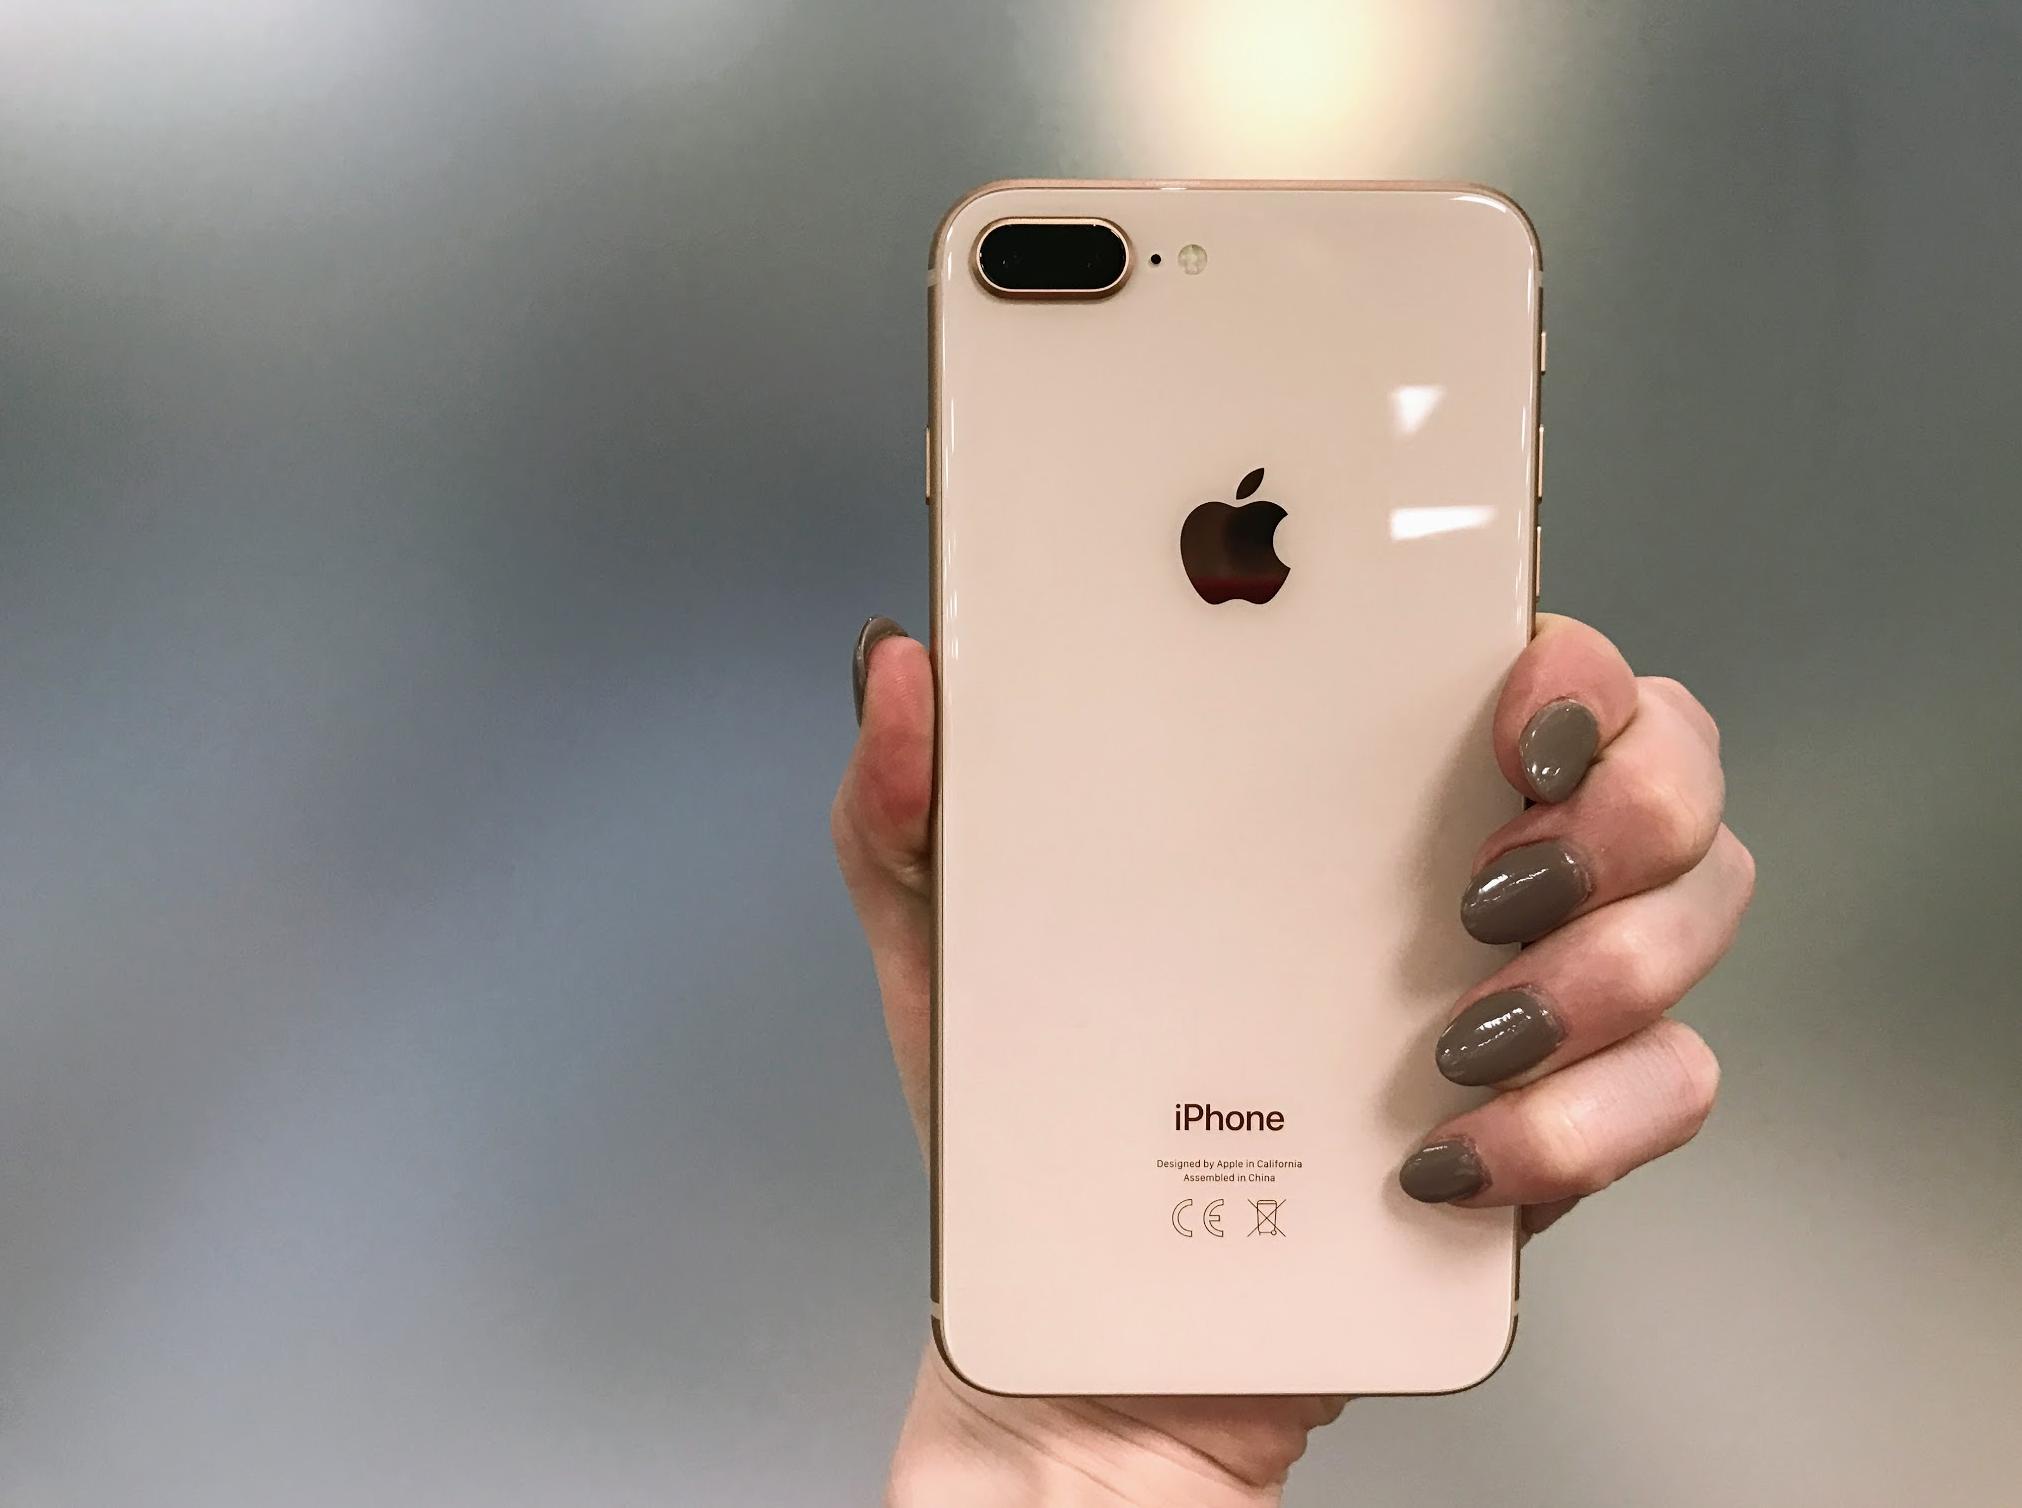 applecare plus la riparazione del retro in vetro di iphone 8 costa pi del display iphone italia. Black Bedroom Furniture Sets. Home Design Ideas